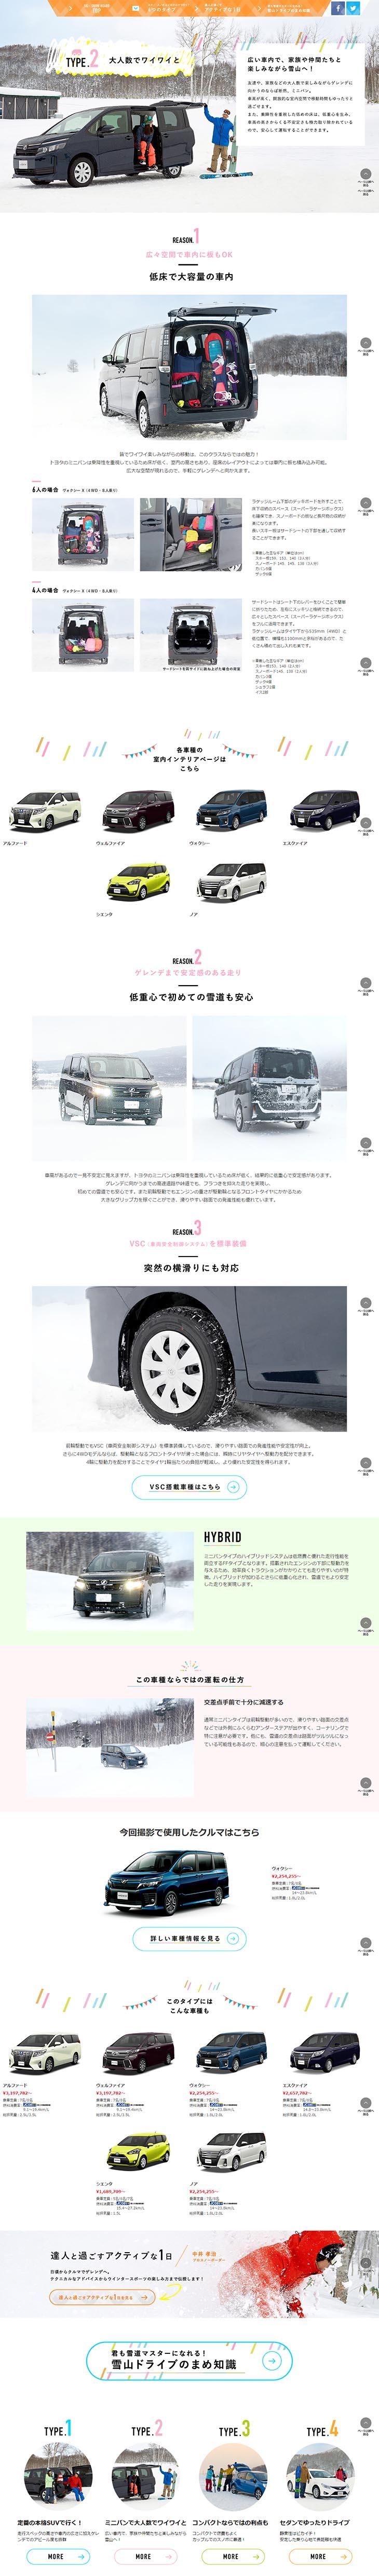 TOYOTA ミニバン【車・バイク関連】のLPデザイン。WEBデザイナーさん必見!ランディングページのデザイン参考に(かわいい系)